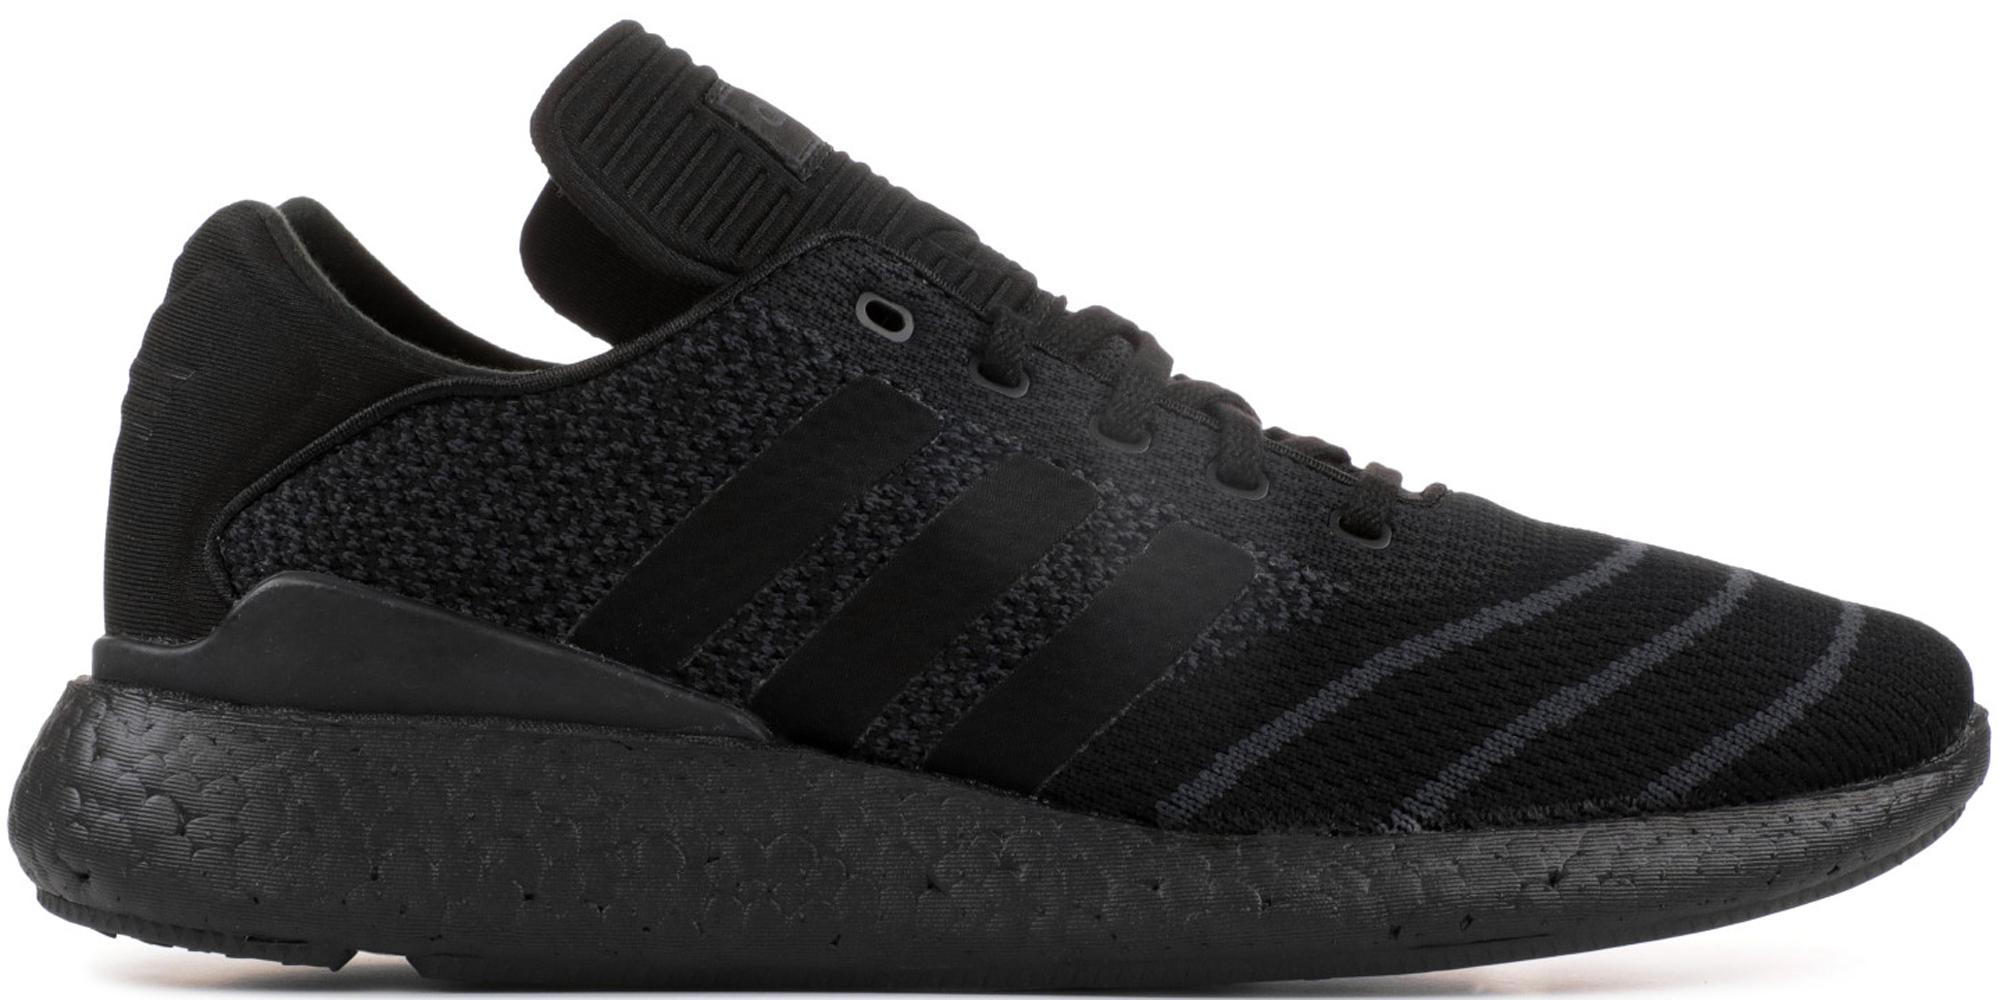 Adidas Busenitz Pure Boost Triple Black